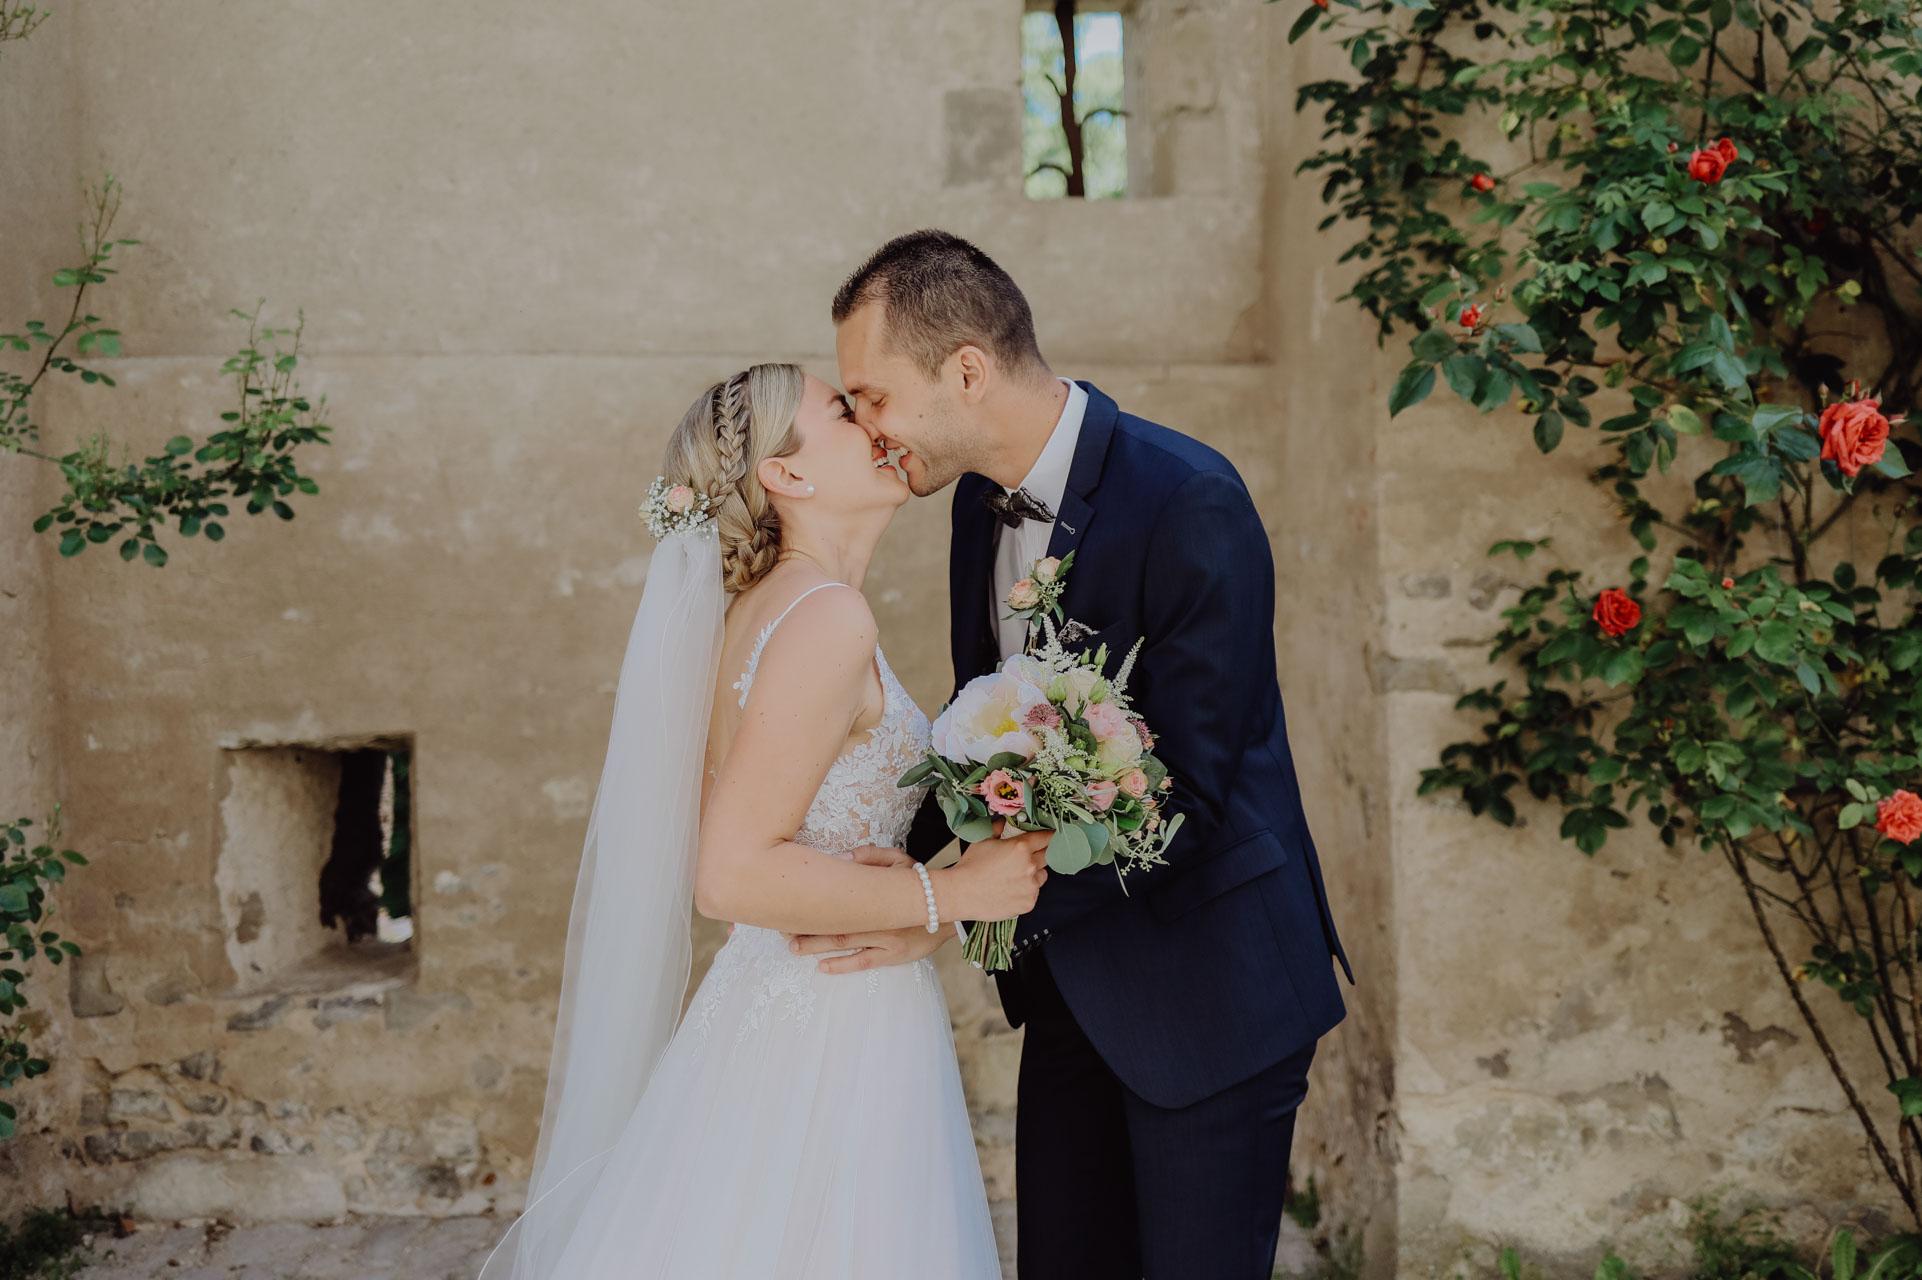 Küssendes Brautpaar vor Gemäuer